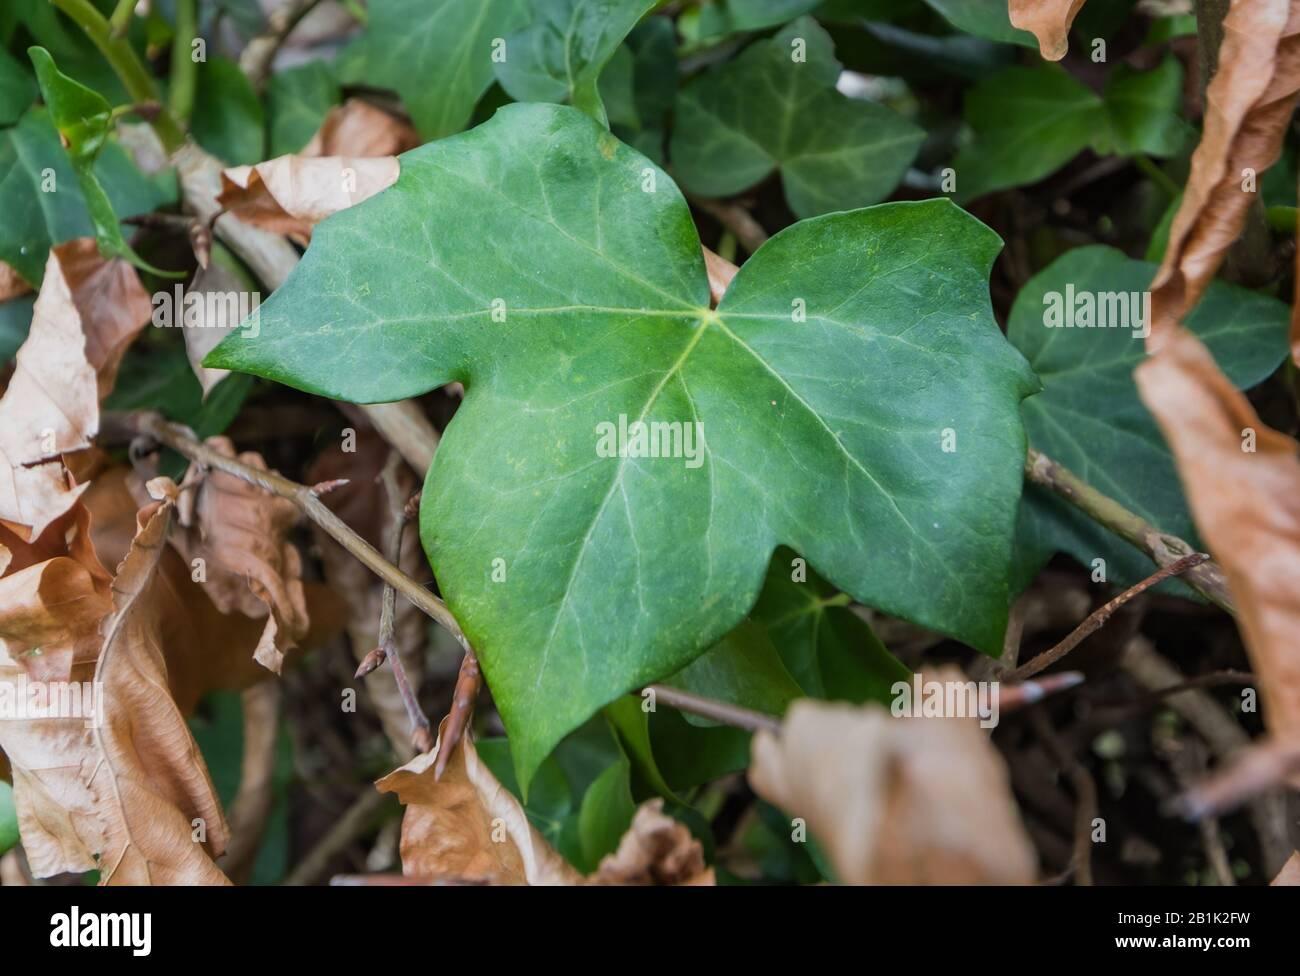 Dunkelgrünes, immergrüner, palmatelig gelapptes Blatt aus dem Englischen Efeublatt (Common Ivy, Hedera Helix). Blätter mit 3 Lappen. Stockfoto